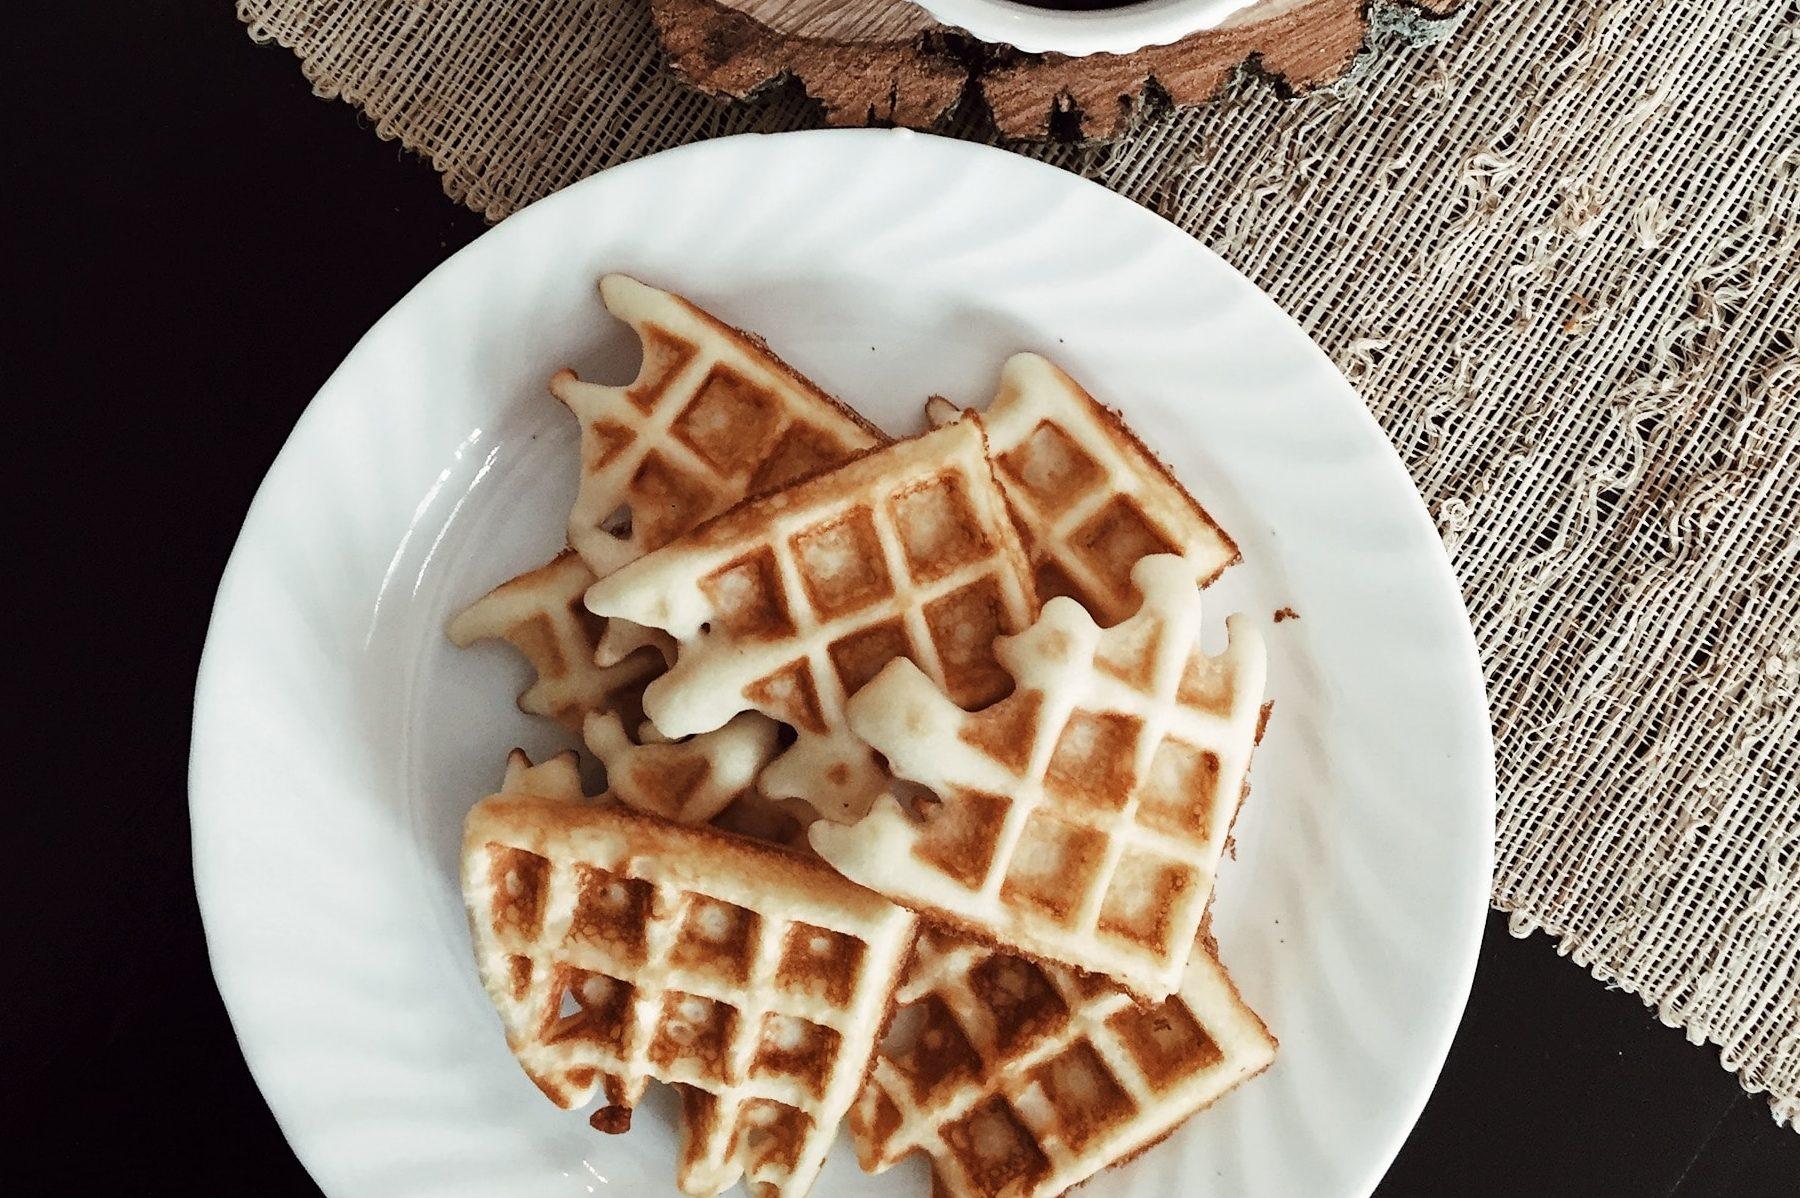 Receita de waffle de pão de queijo para café da manhã funcional e gostoso